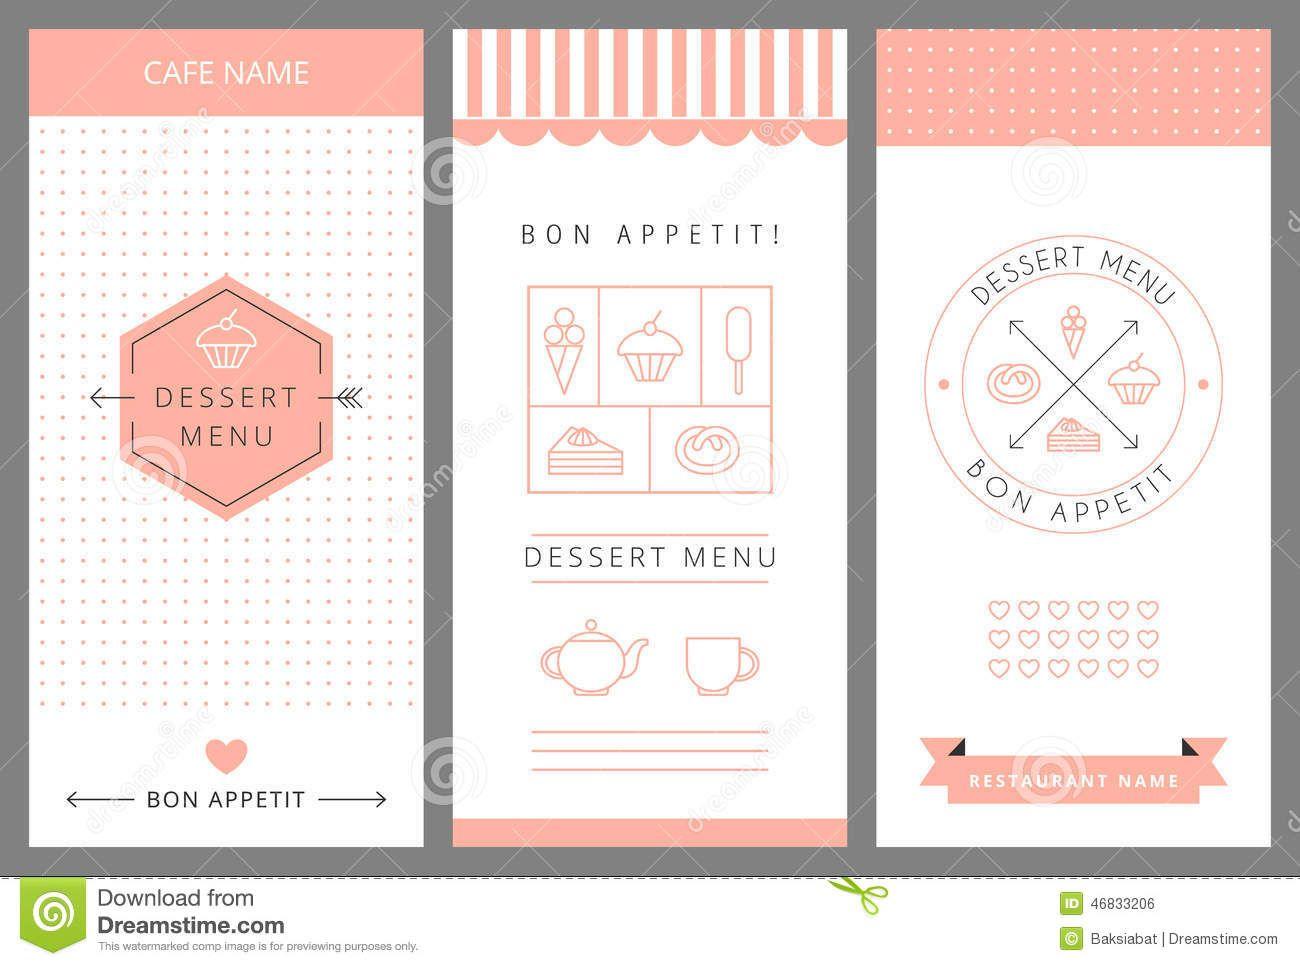 dessert menu design - Busca de Google | Dessert Cartel | Pinterest